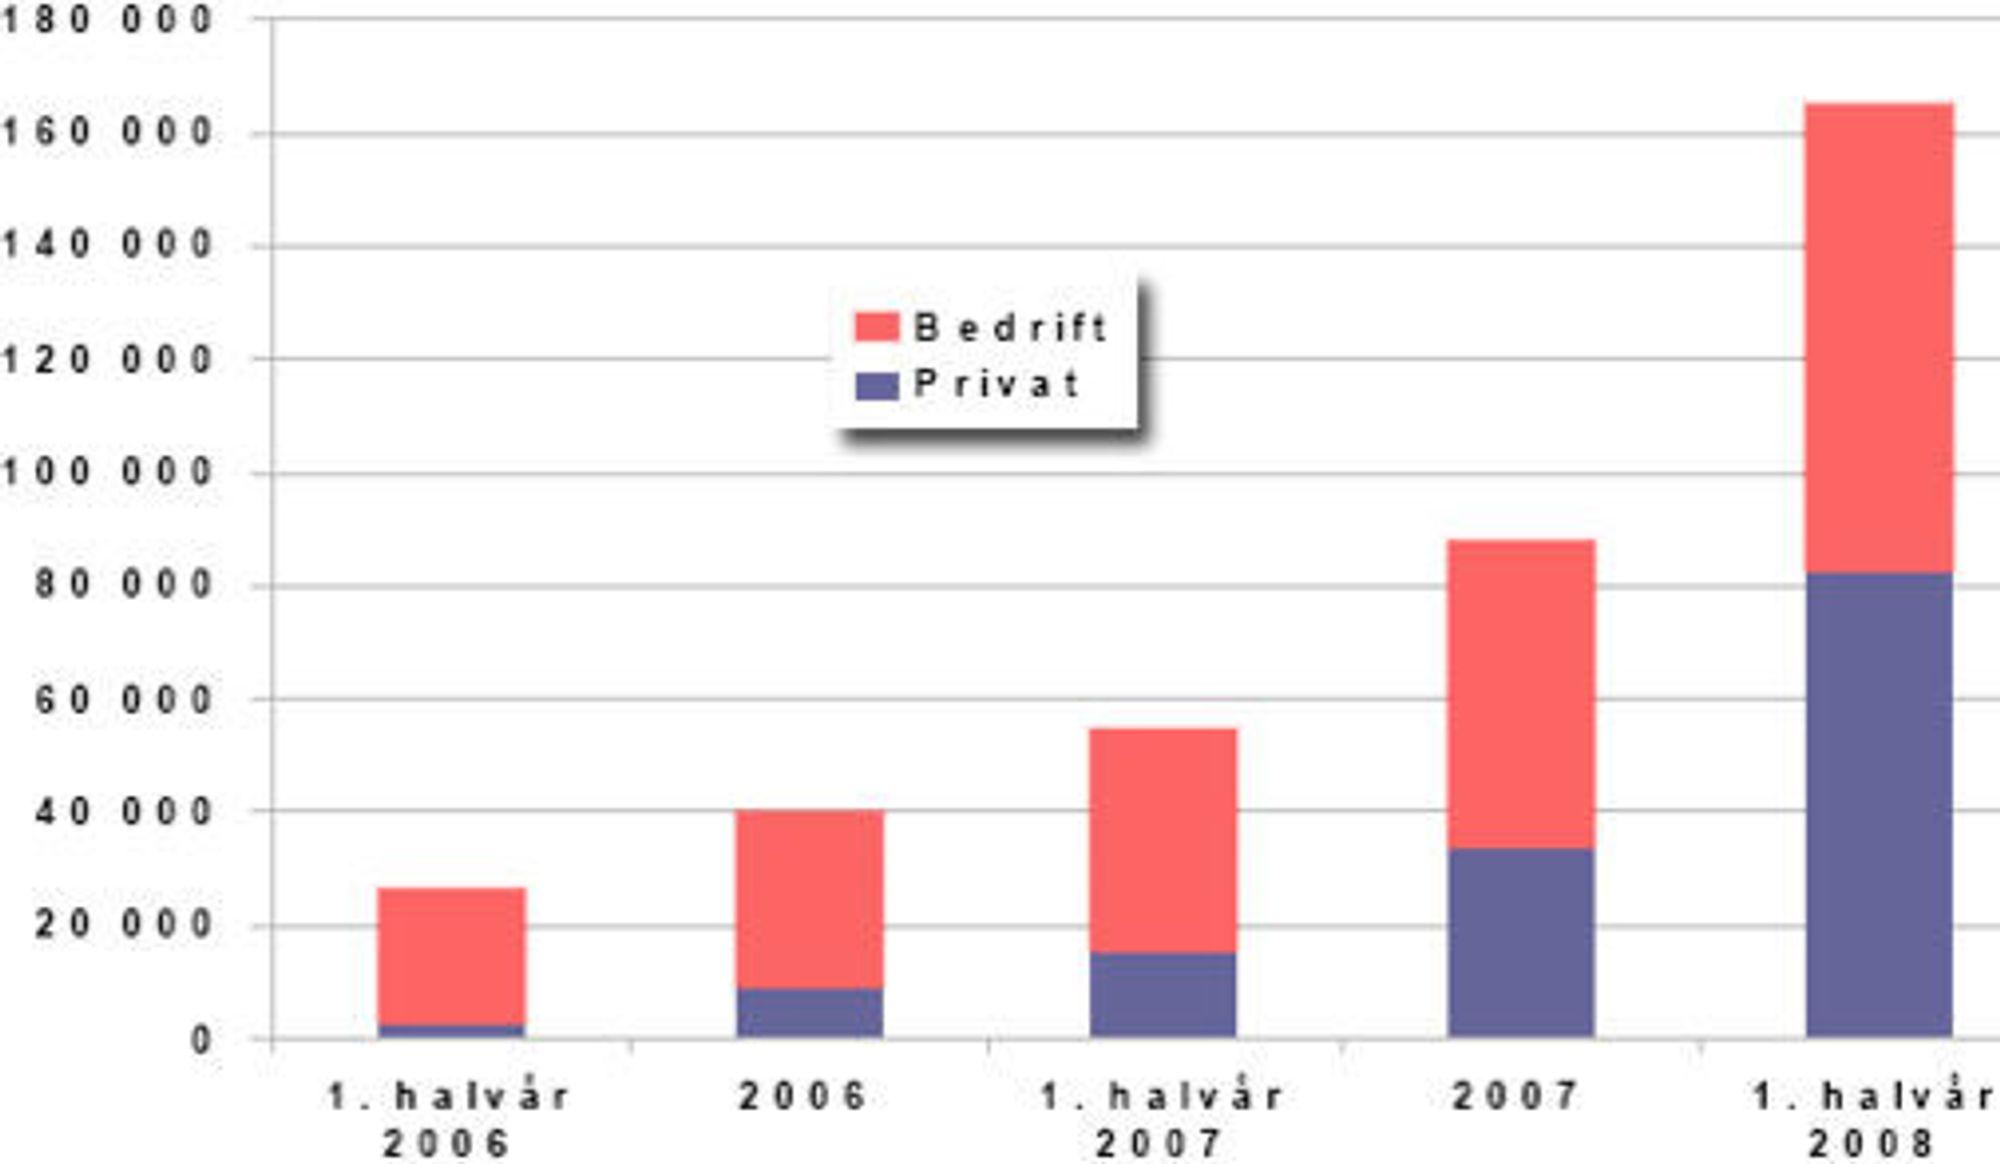 Kraftig vekst: antall abonnement for mobilt bredbånd fordelt på privat- og bedriftskunder. (Kilde: Det norske ekommarkedet 1. halvår 2008)